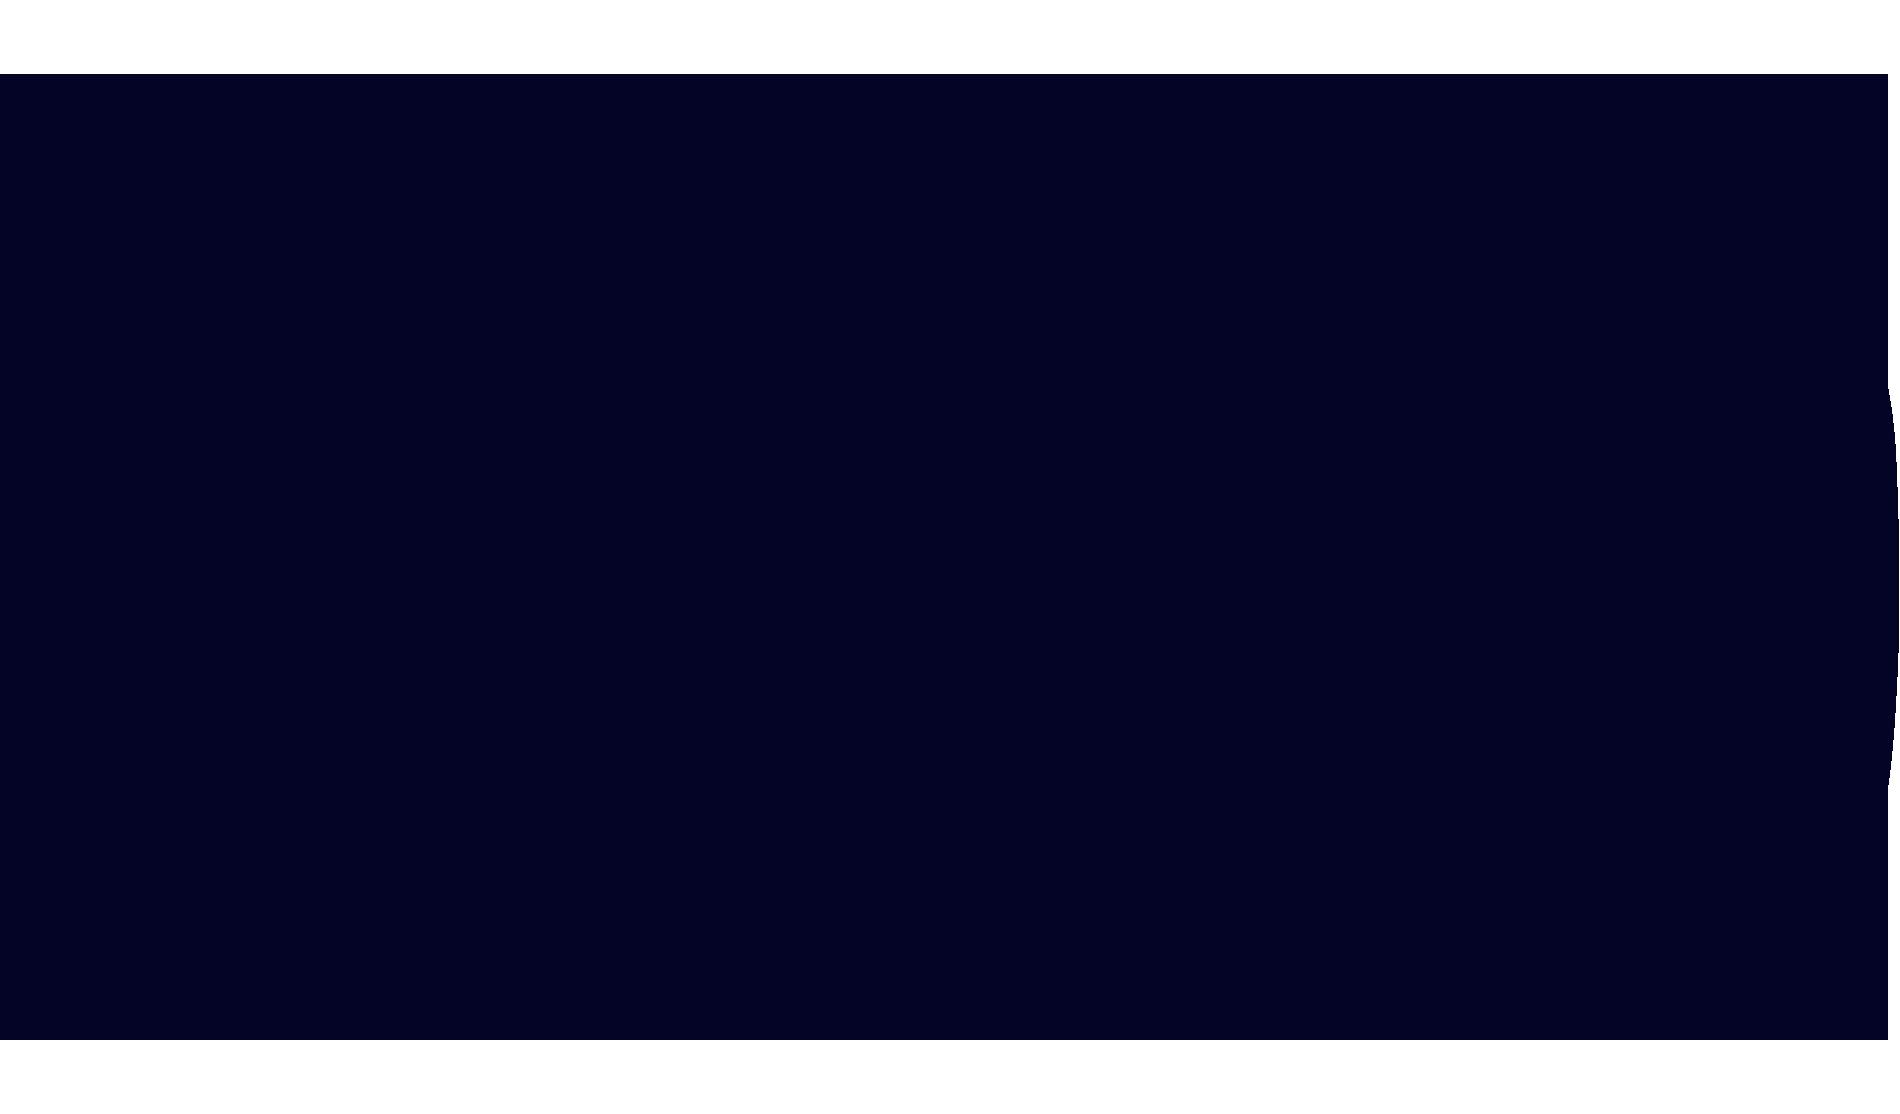 Retro ski goggles clipart graphic library Goggles clipart ski goggles, Goggles ski goggles Transparent ... graphic library